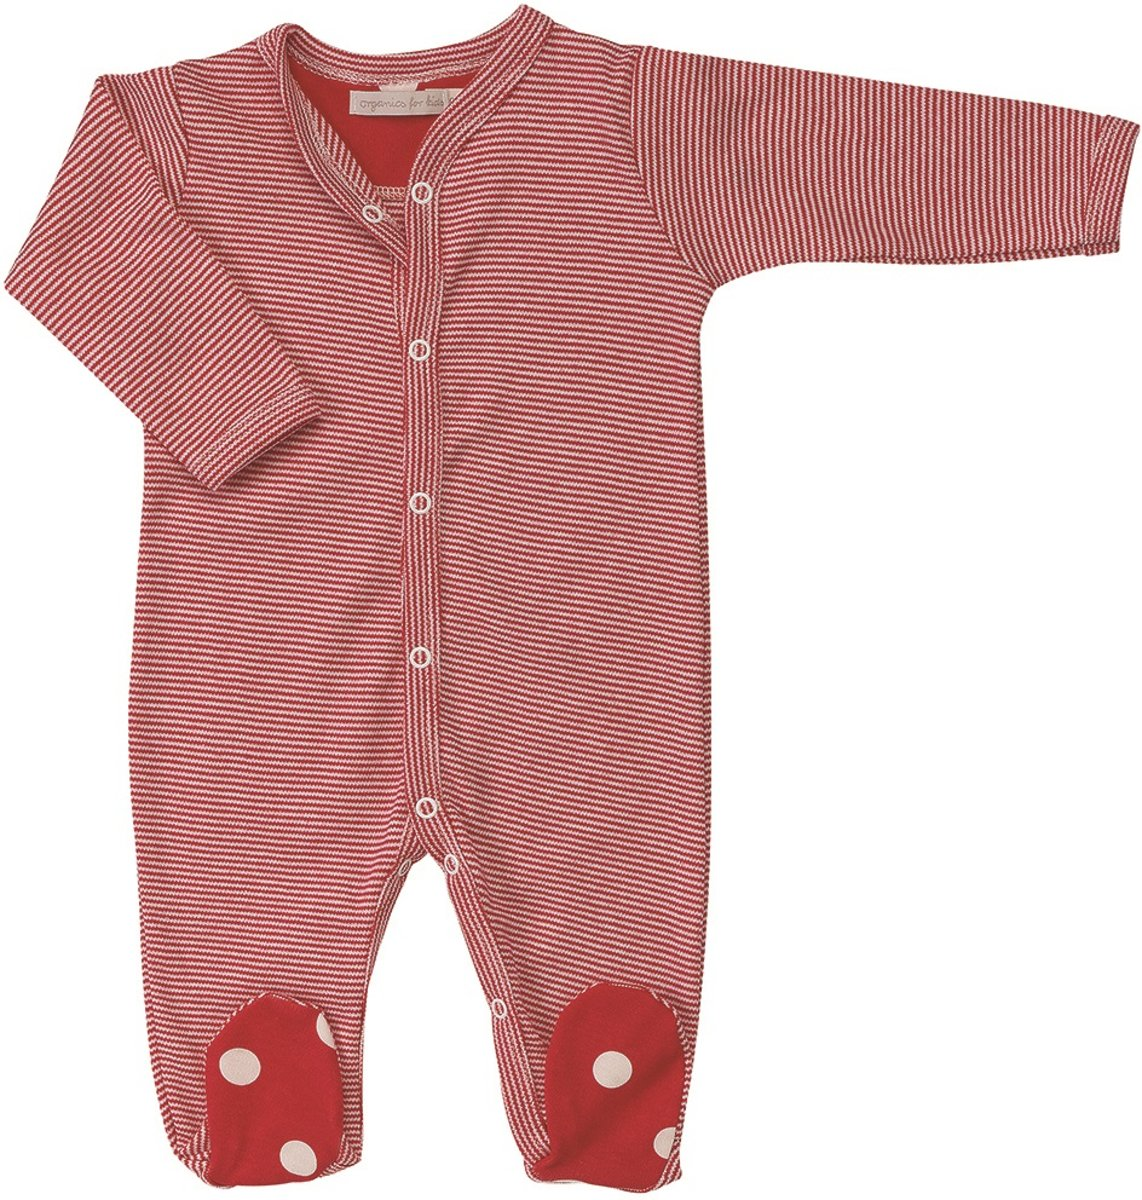 pyjama romper long